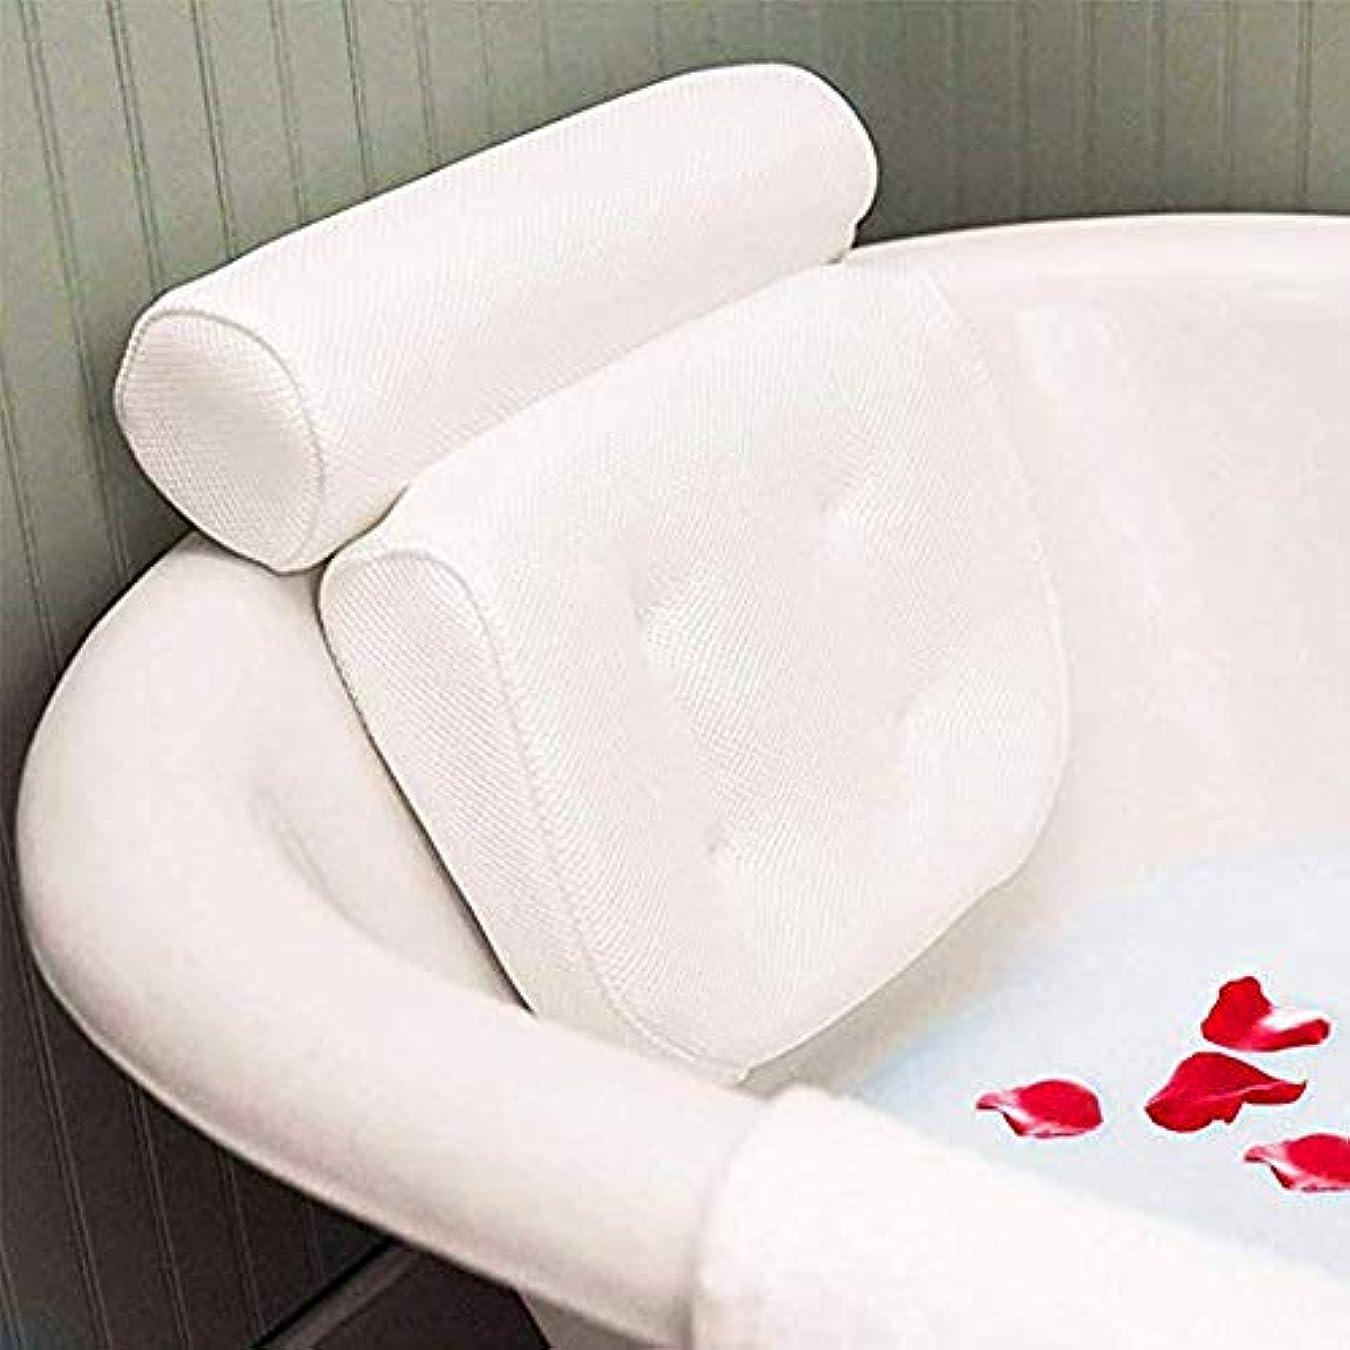 一口尽きる満足頭、首、肩と背中のサポートが付いている浴槽スパ枕、滑り止め4大型サクションカップはどんな浴槽にもフィットし、抗菌性です。,White